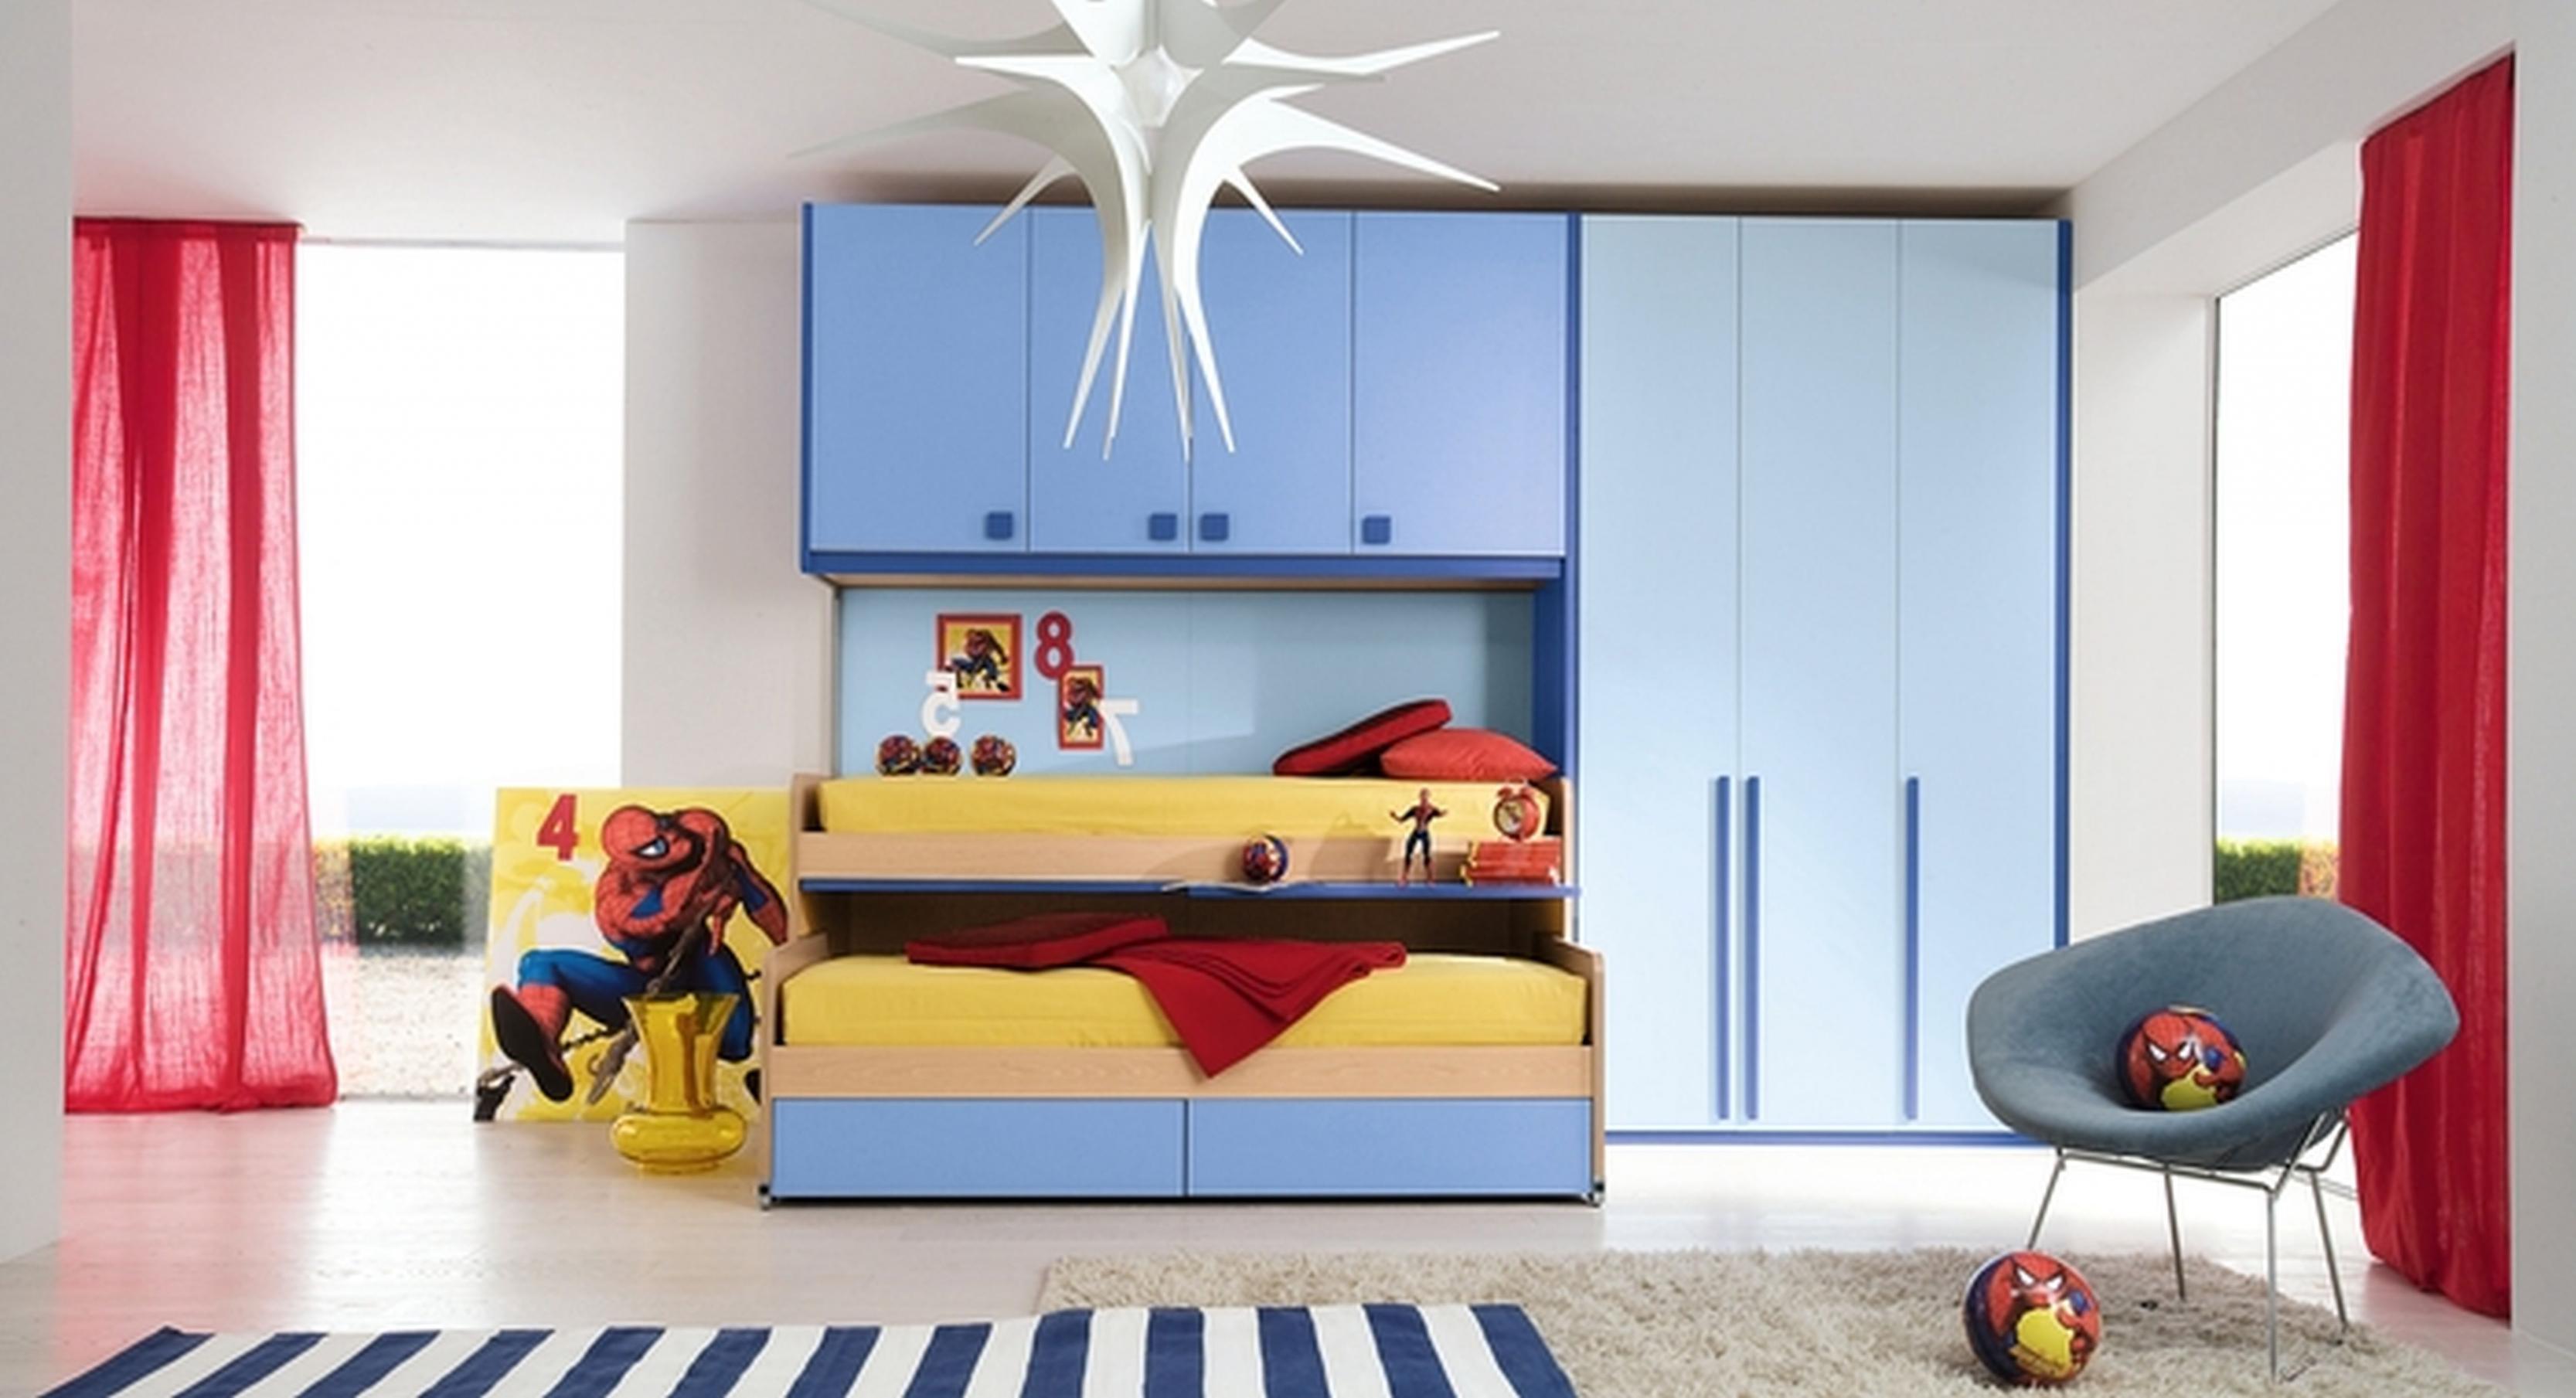 صورة غرف نوم اطفال اولاد , تصاميم غرف اطفال اولاد